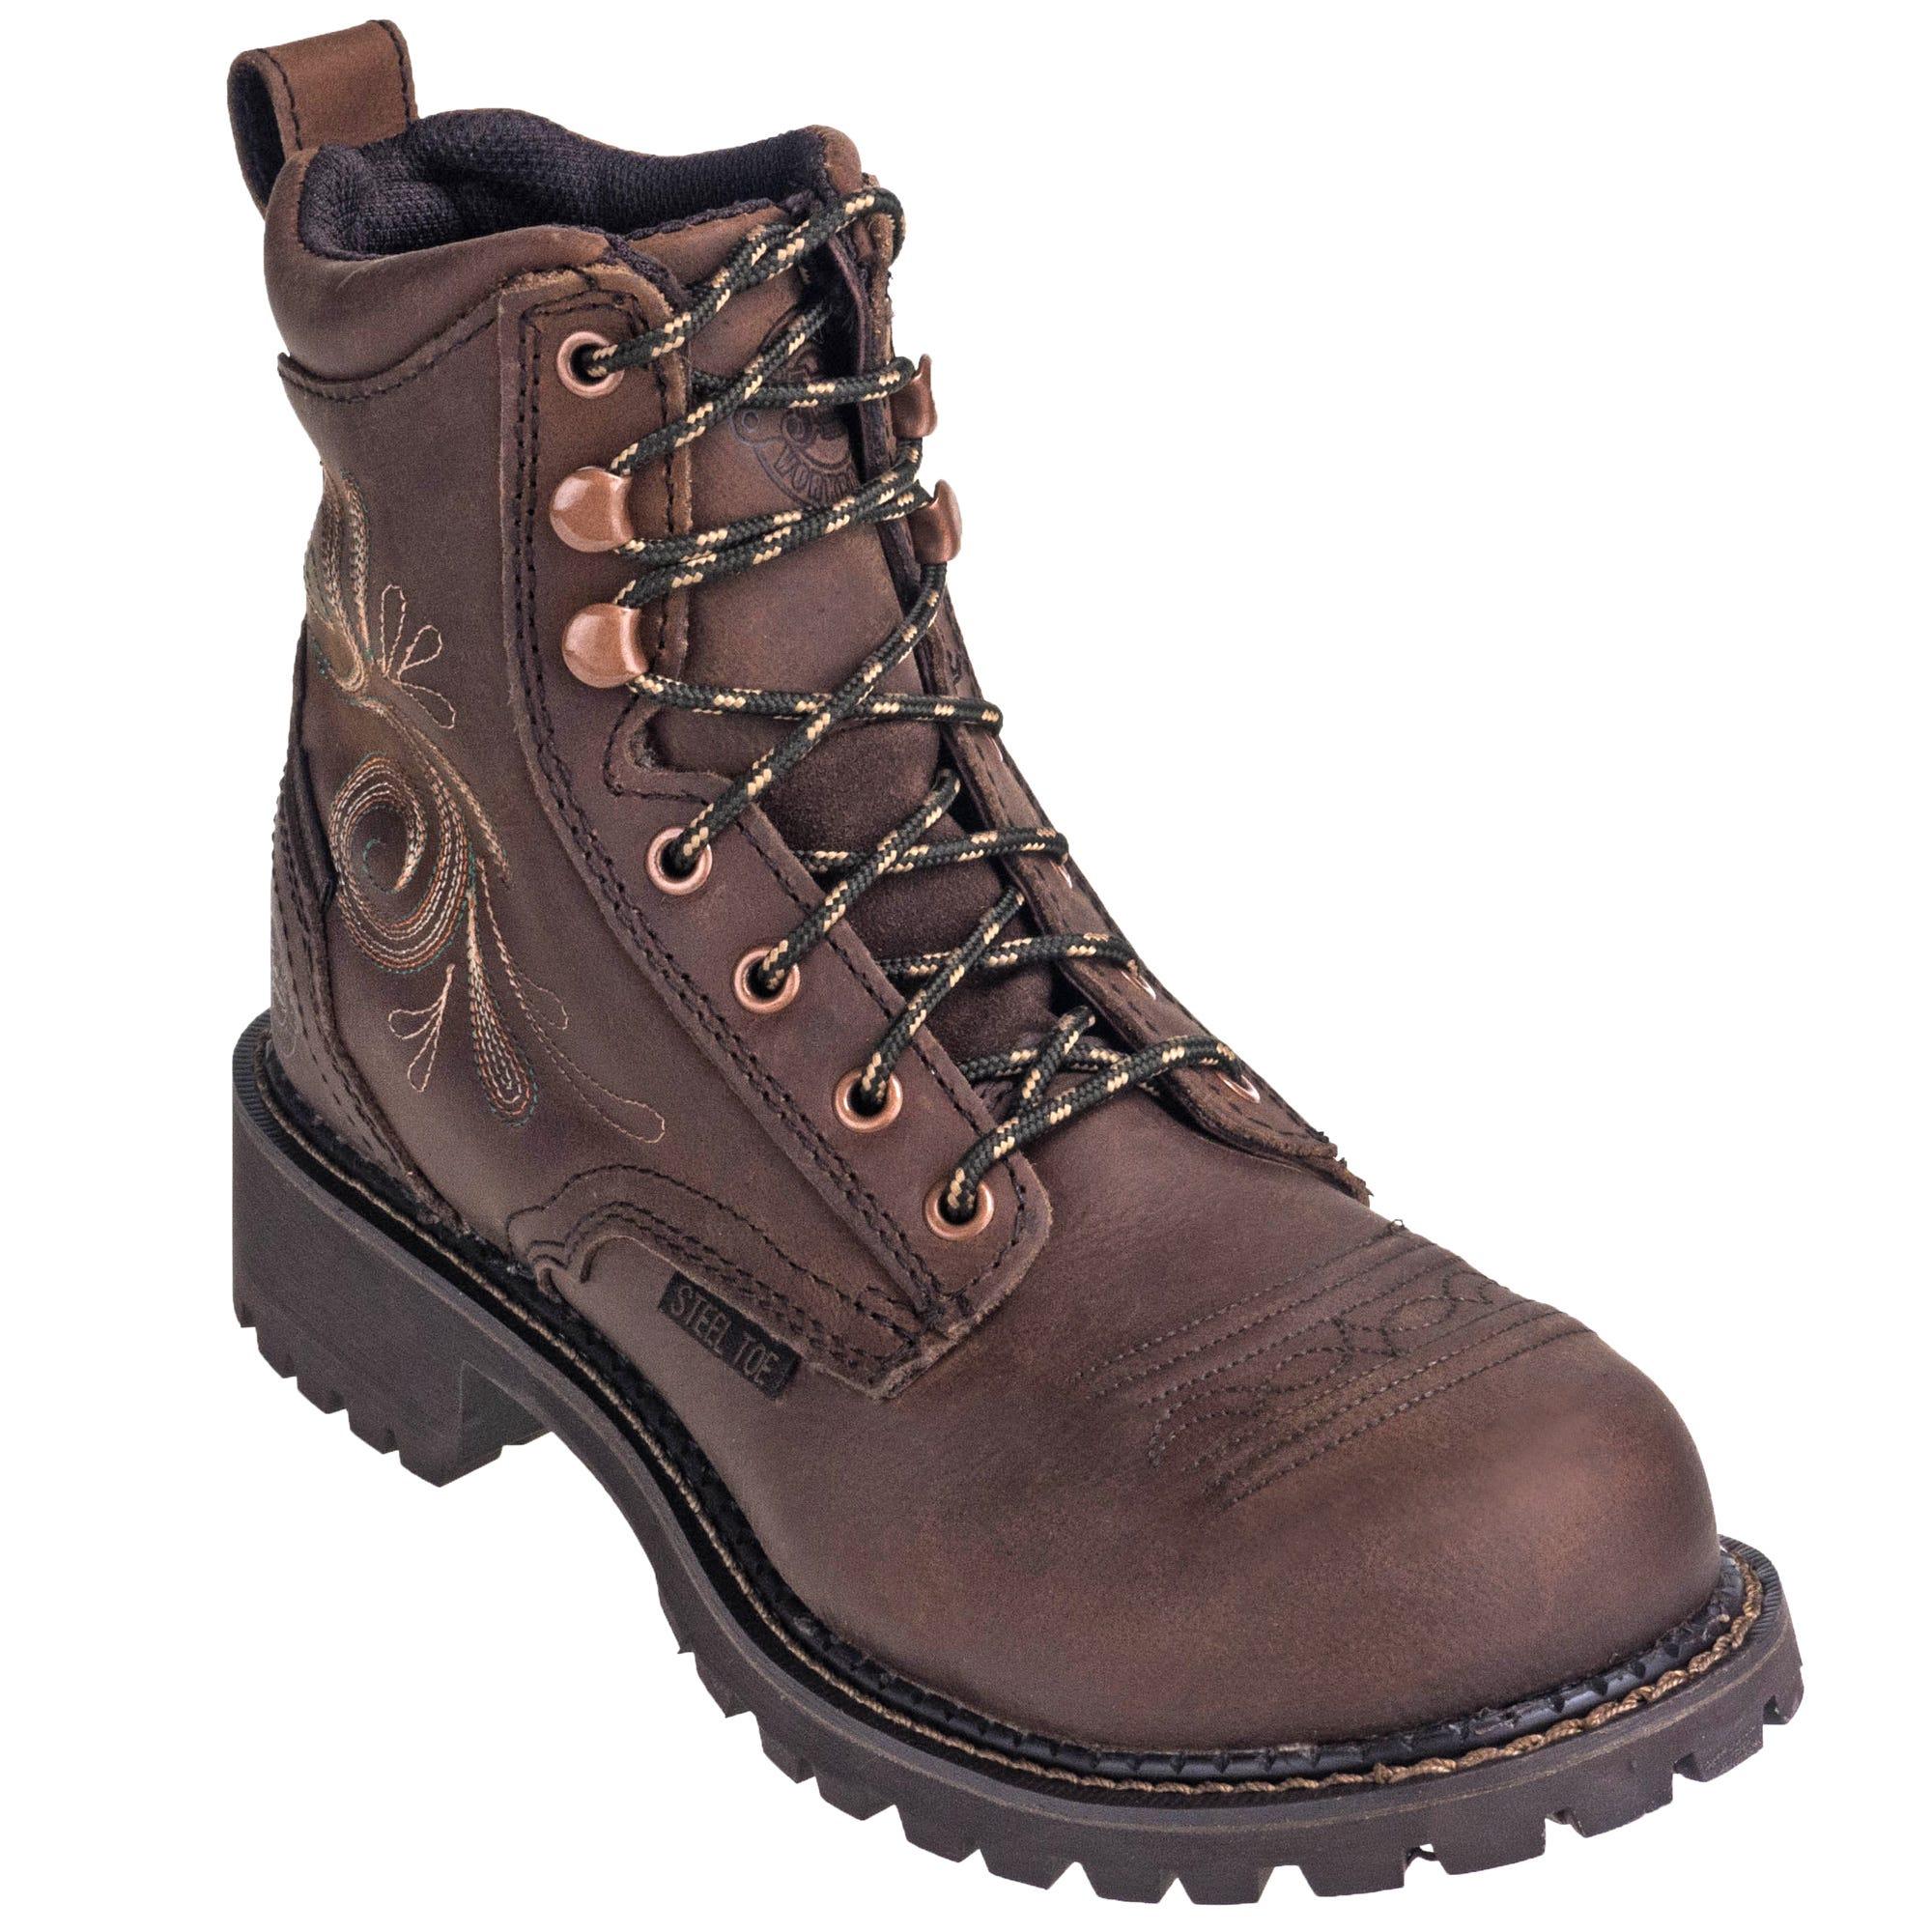 Justin Women's WKL985 Waterproof Steel Toe EH Gypsy 6-Inch Aged Bark Work Boots